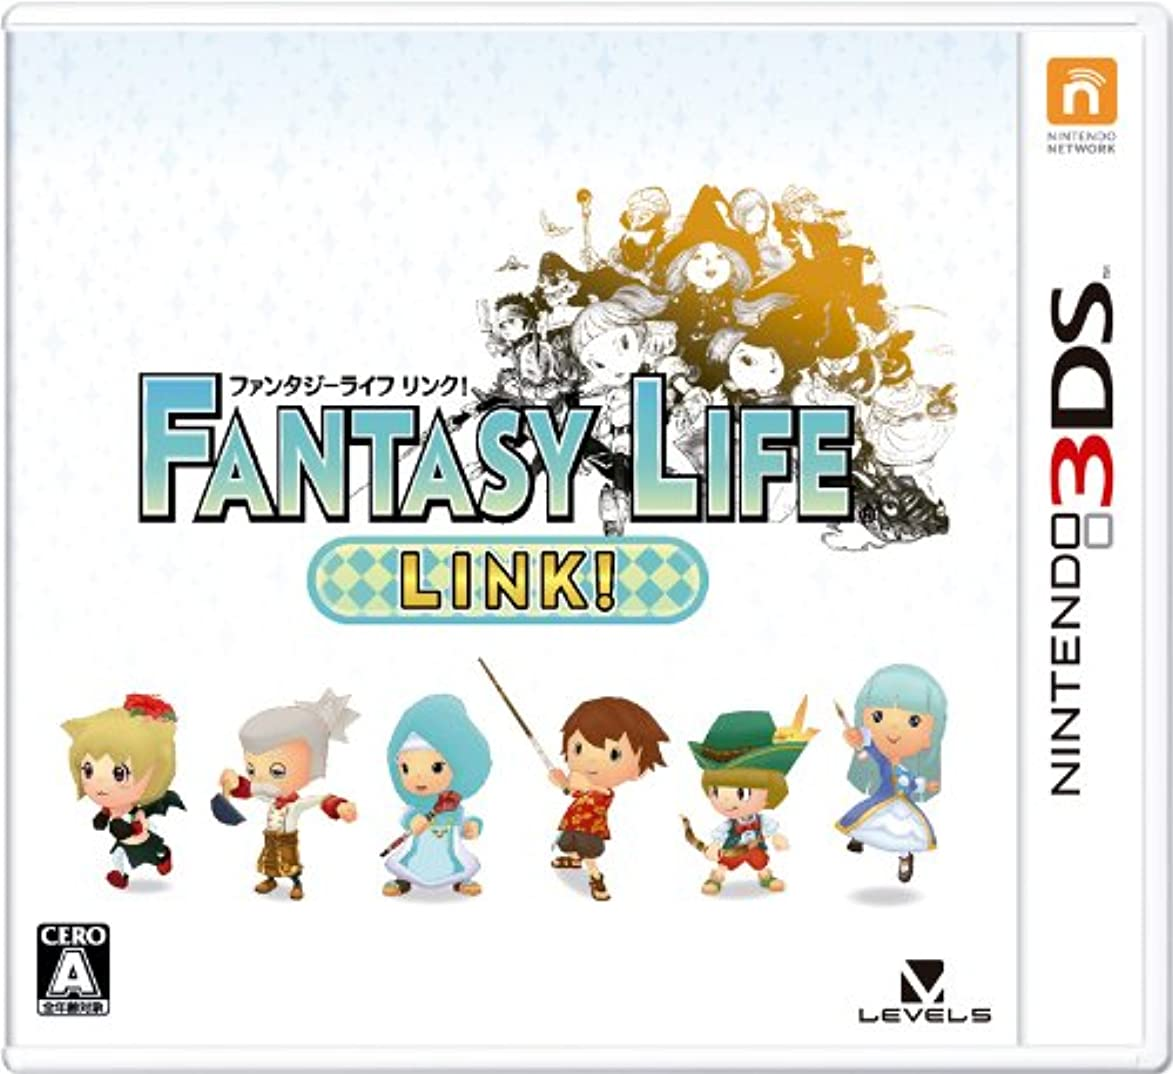 虐殺サイドボードエレガントファンタジーライフ LINK! - 3DS